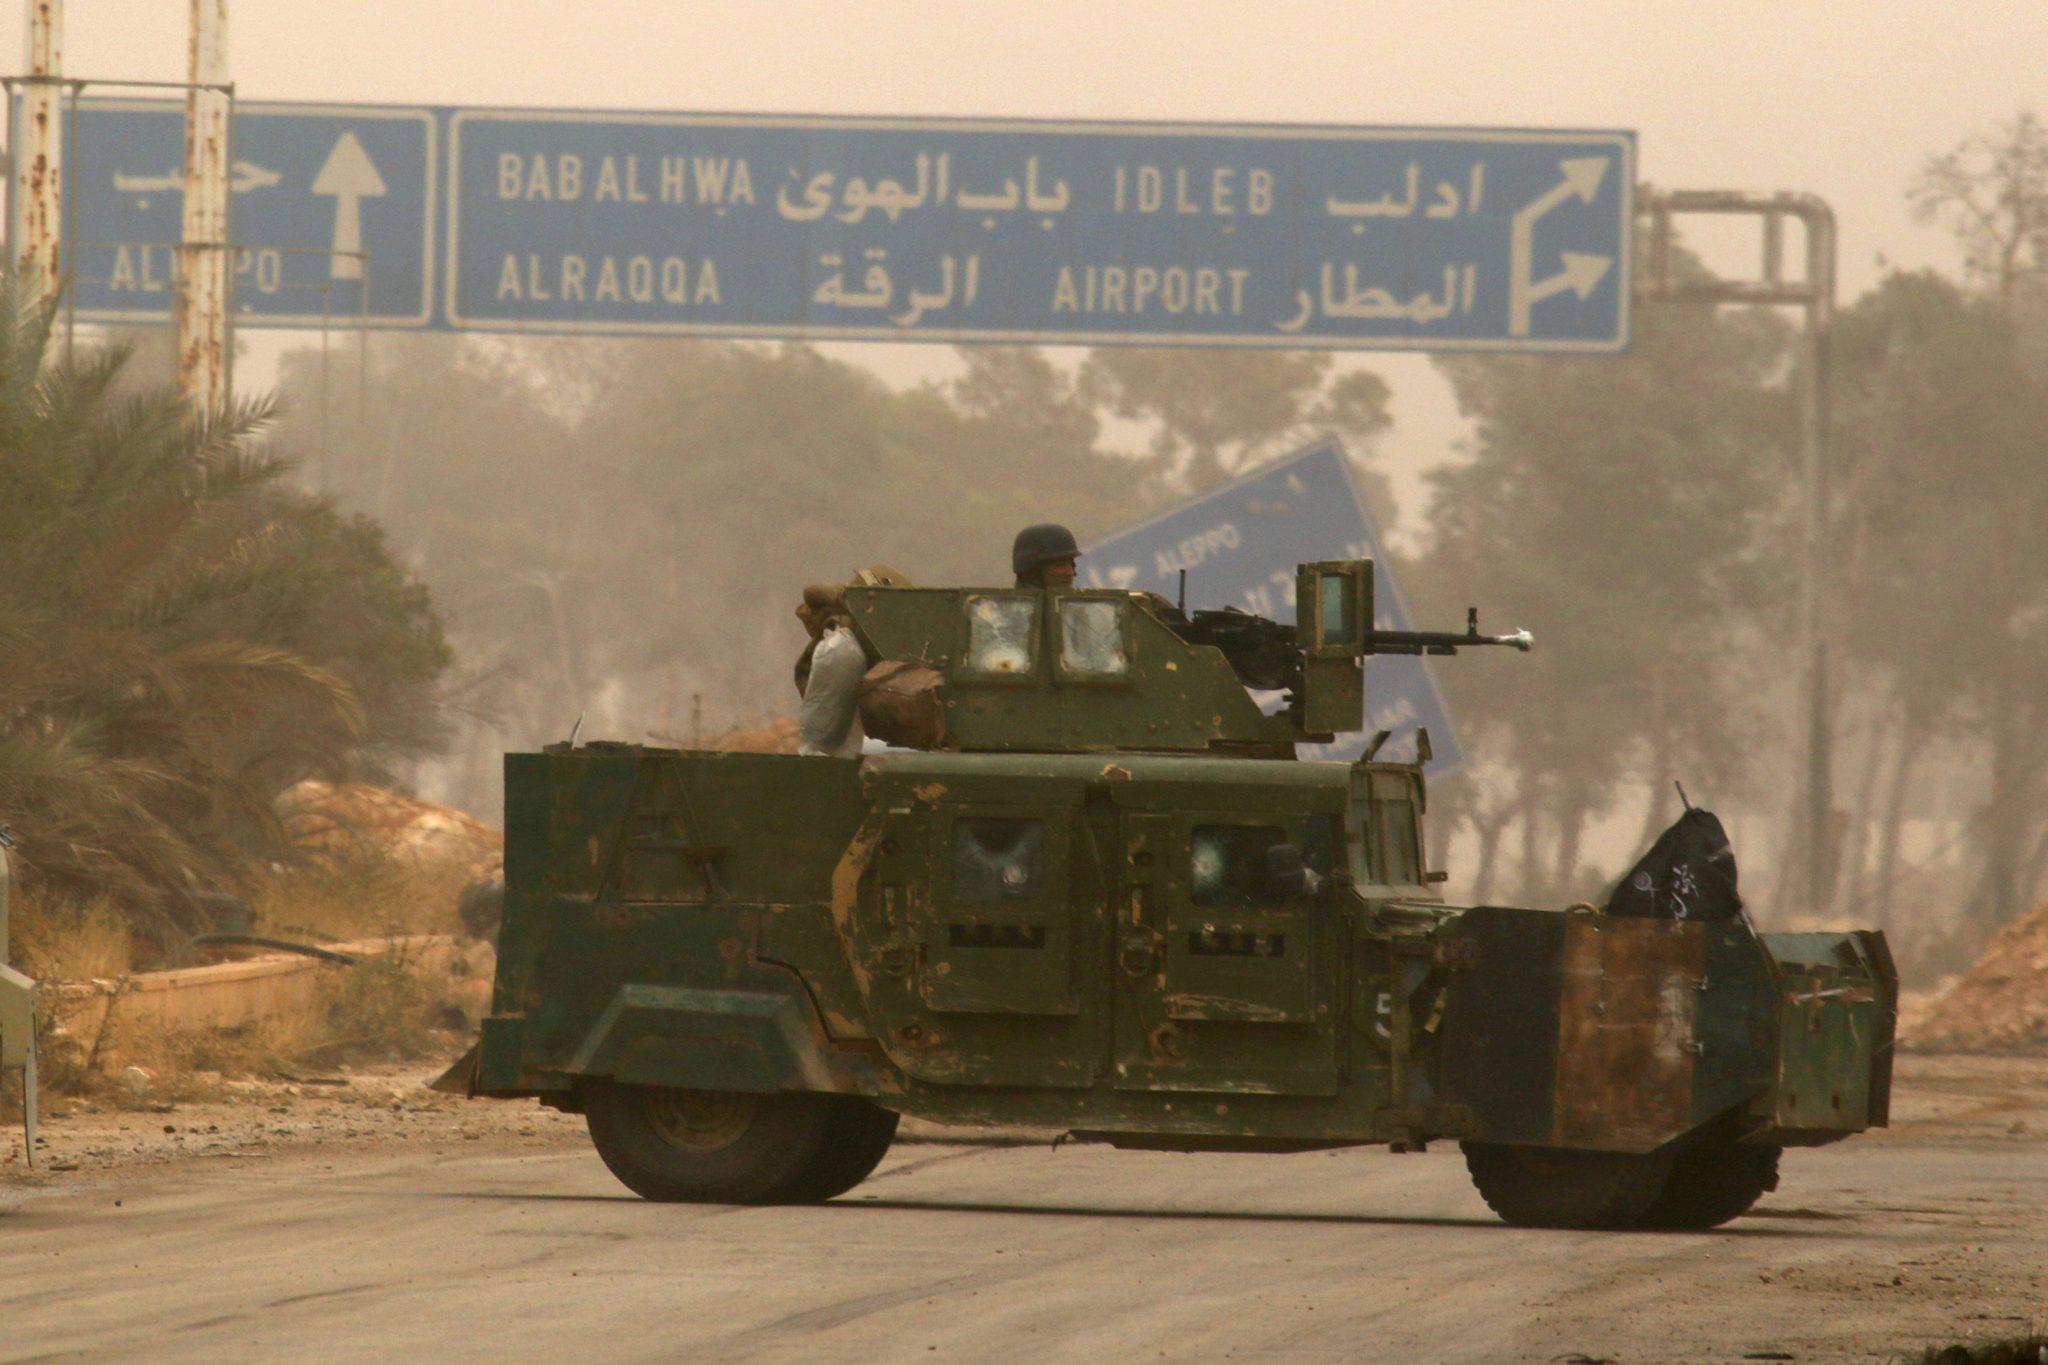 صورة من الدفاع إلى الهجوم.. كيف أفشلت المعارضة خطة روسيا شمالي سوريا؟